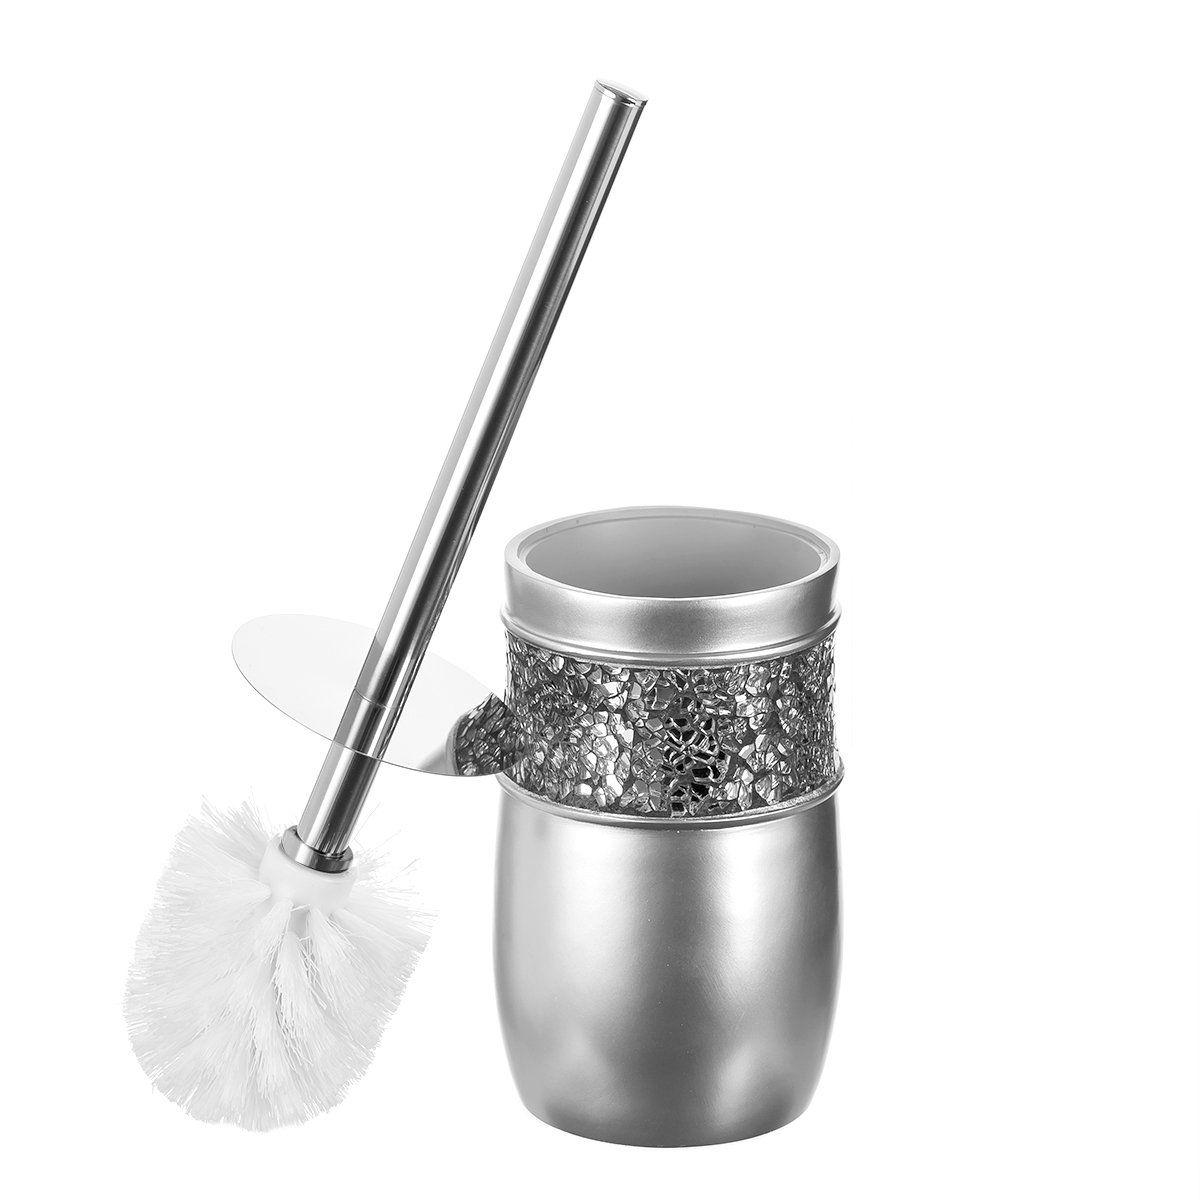 Toilet Bowl Cleaner Brush